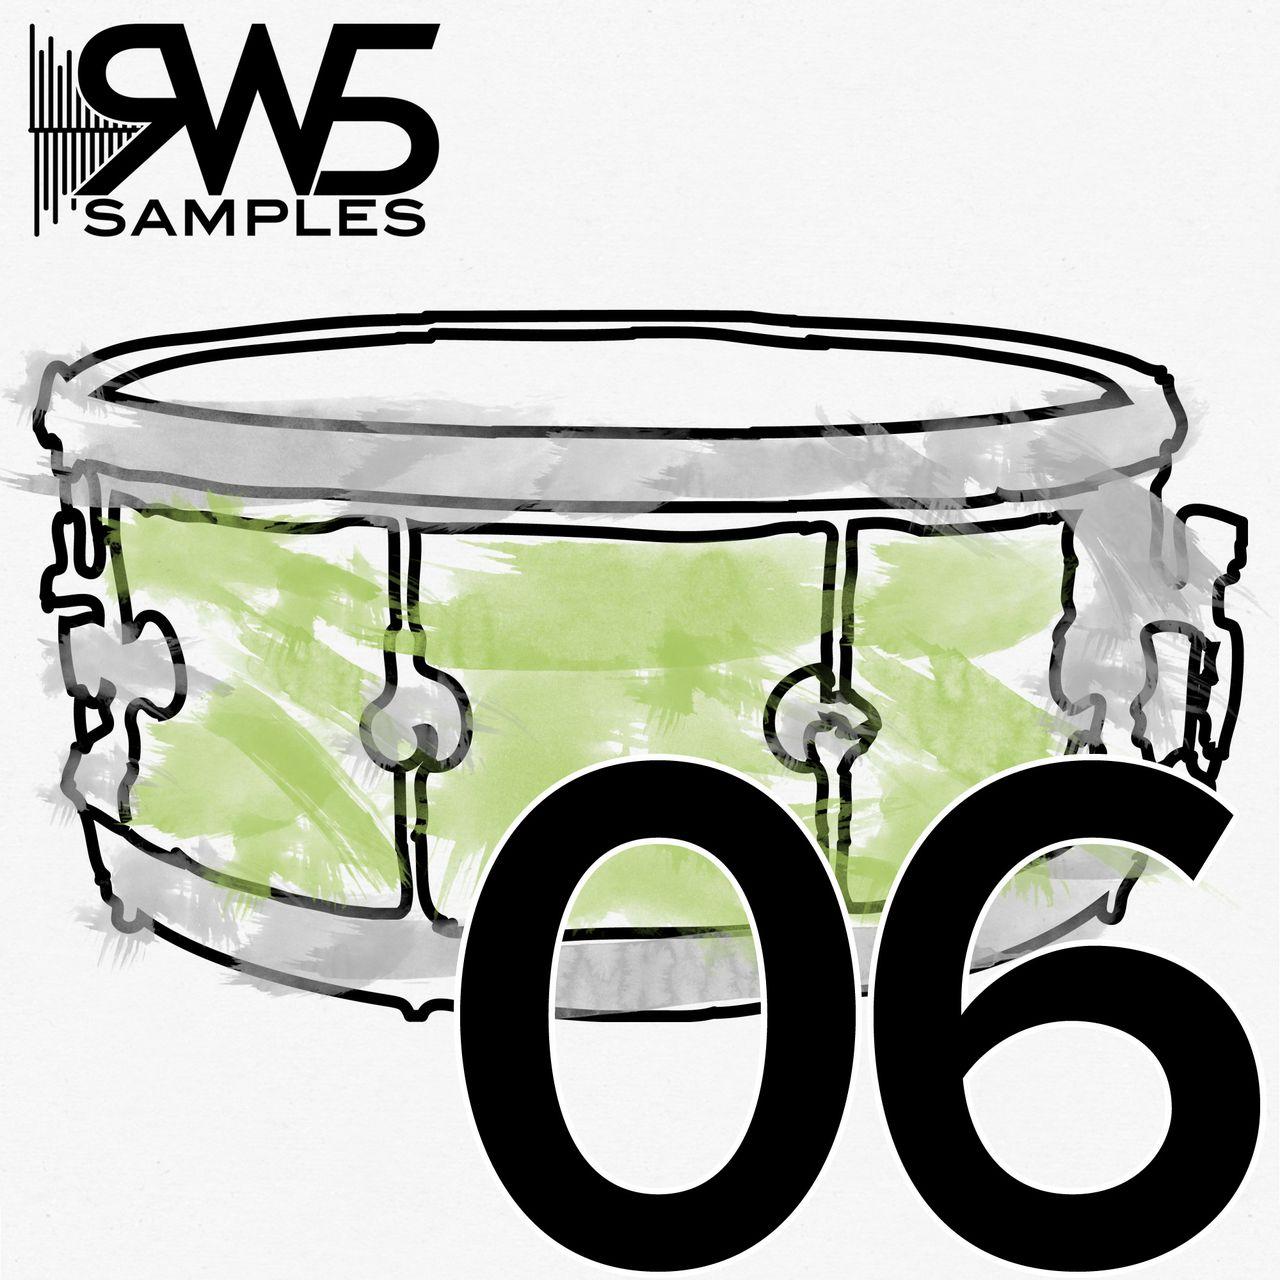 RW5 Snare 06